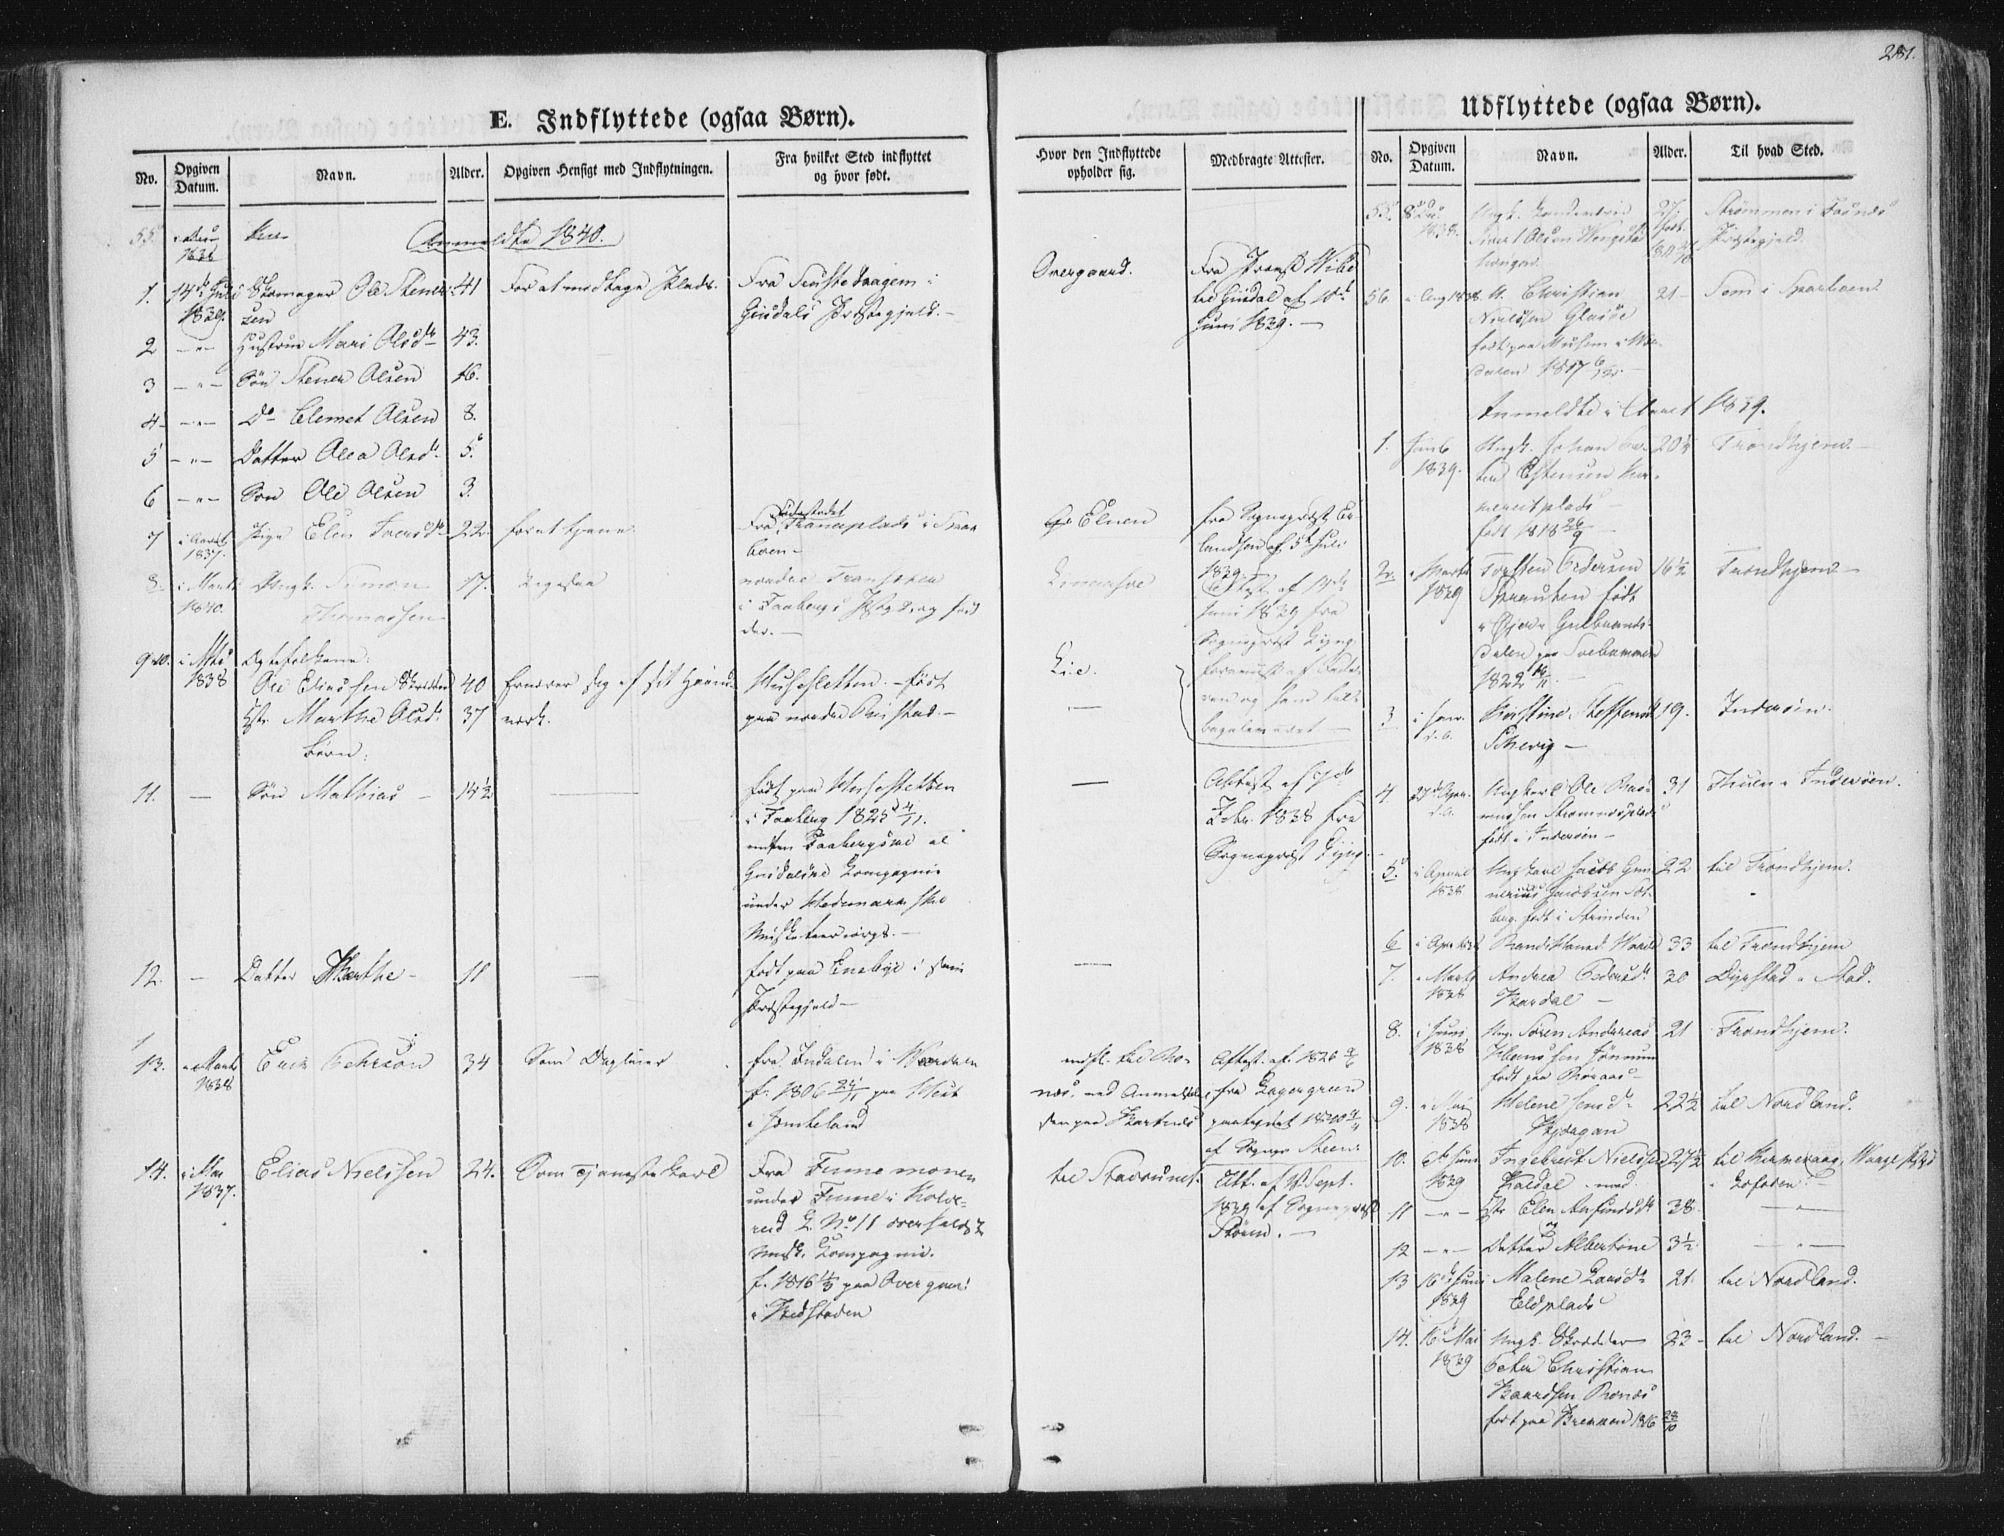 SAT, Ministerialprotokoller, klokkerbøker og fødselsregistre - Nord-Trøndelag, 741/L0392: Ministerialbok nr. 741A06, 1836-1848, s. 281